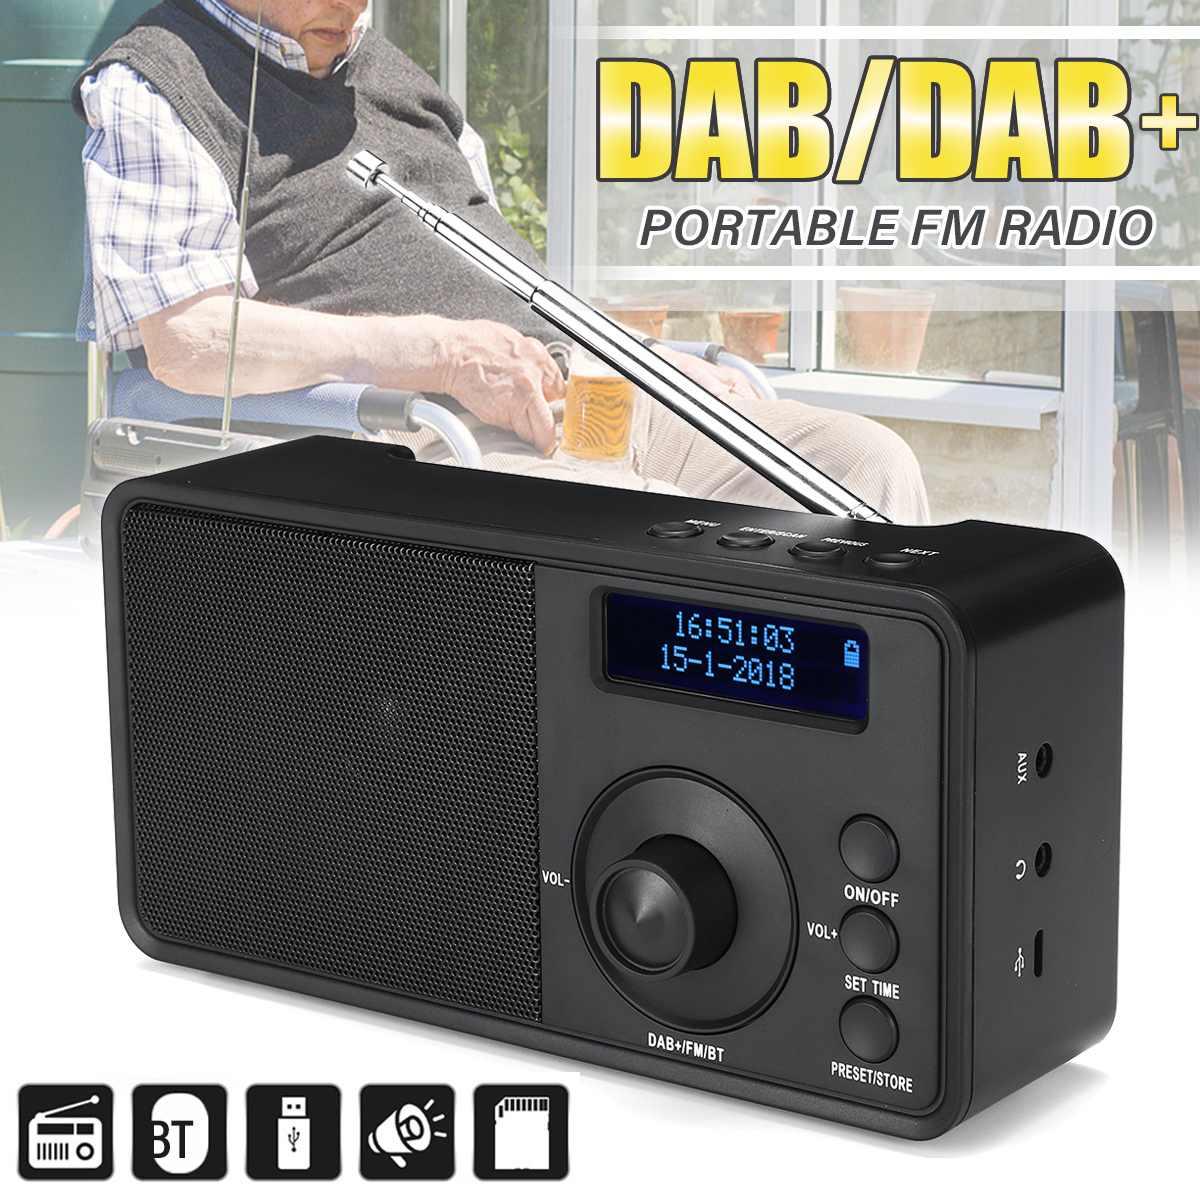 Récepteur de Radio Portable numérique DAB + FM récepteur de Radio bluetooth Mini Radio stéréo haut-parleur lecteur de musique LCD réveil AUX